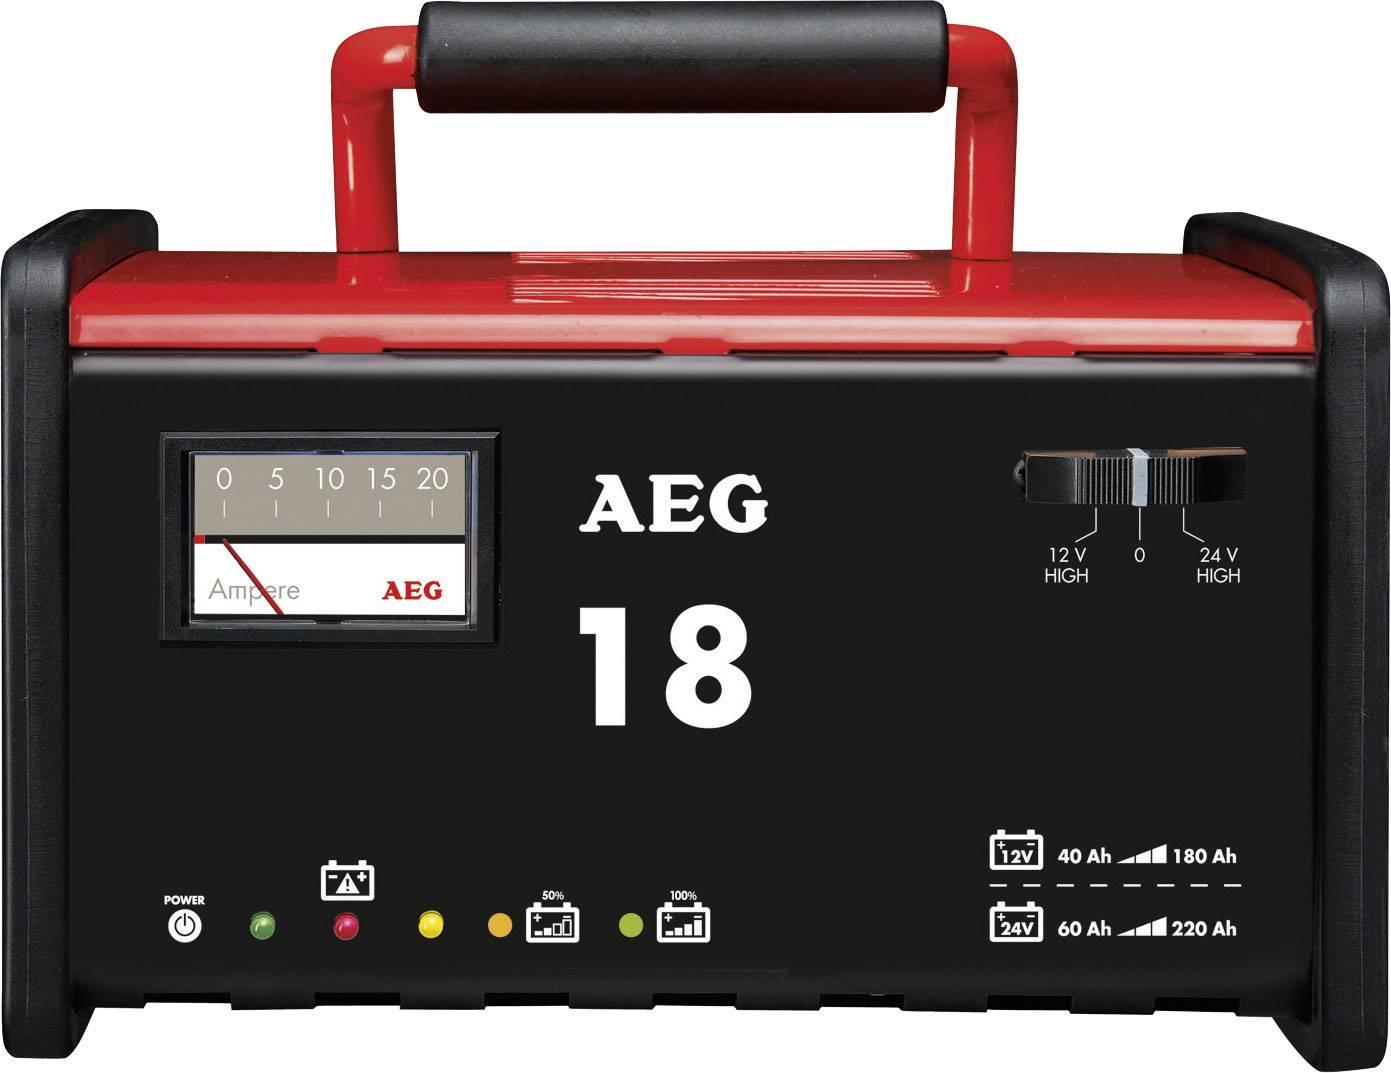 Dielenská nabíjačka AEG WM 18 2AEG97010, 12 V, 24 V, 18 A, 18 A